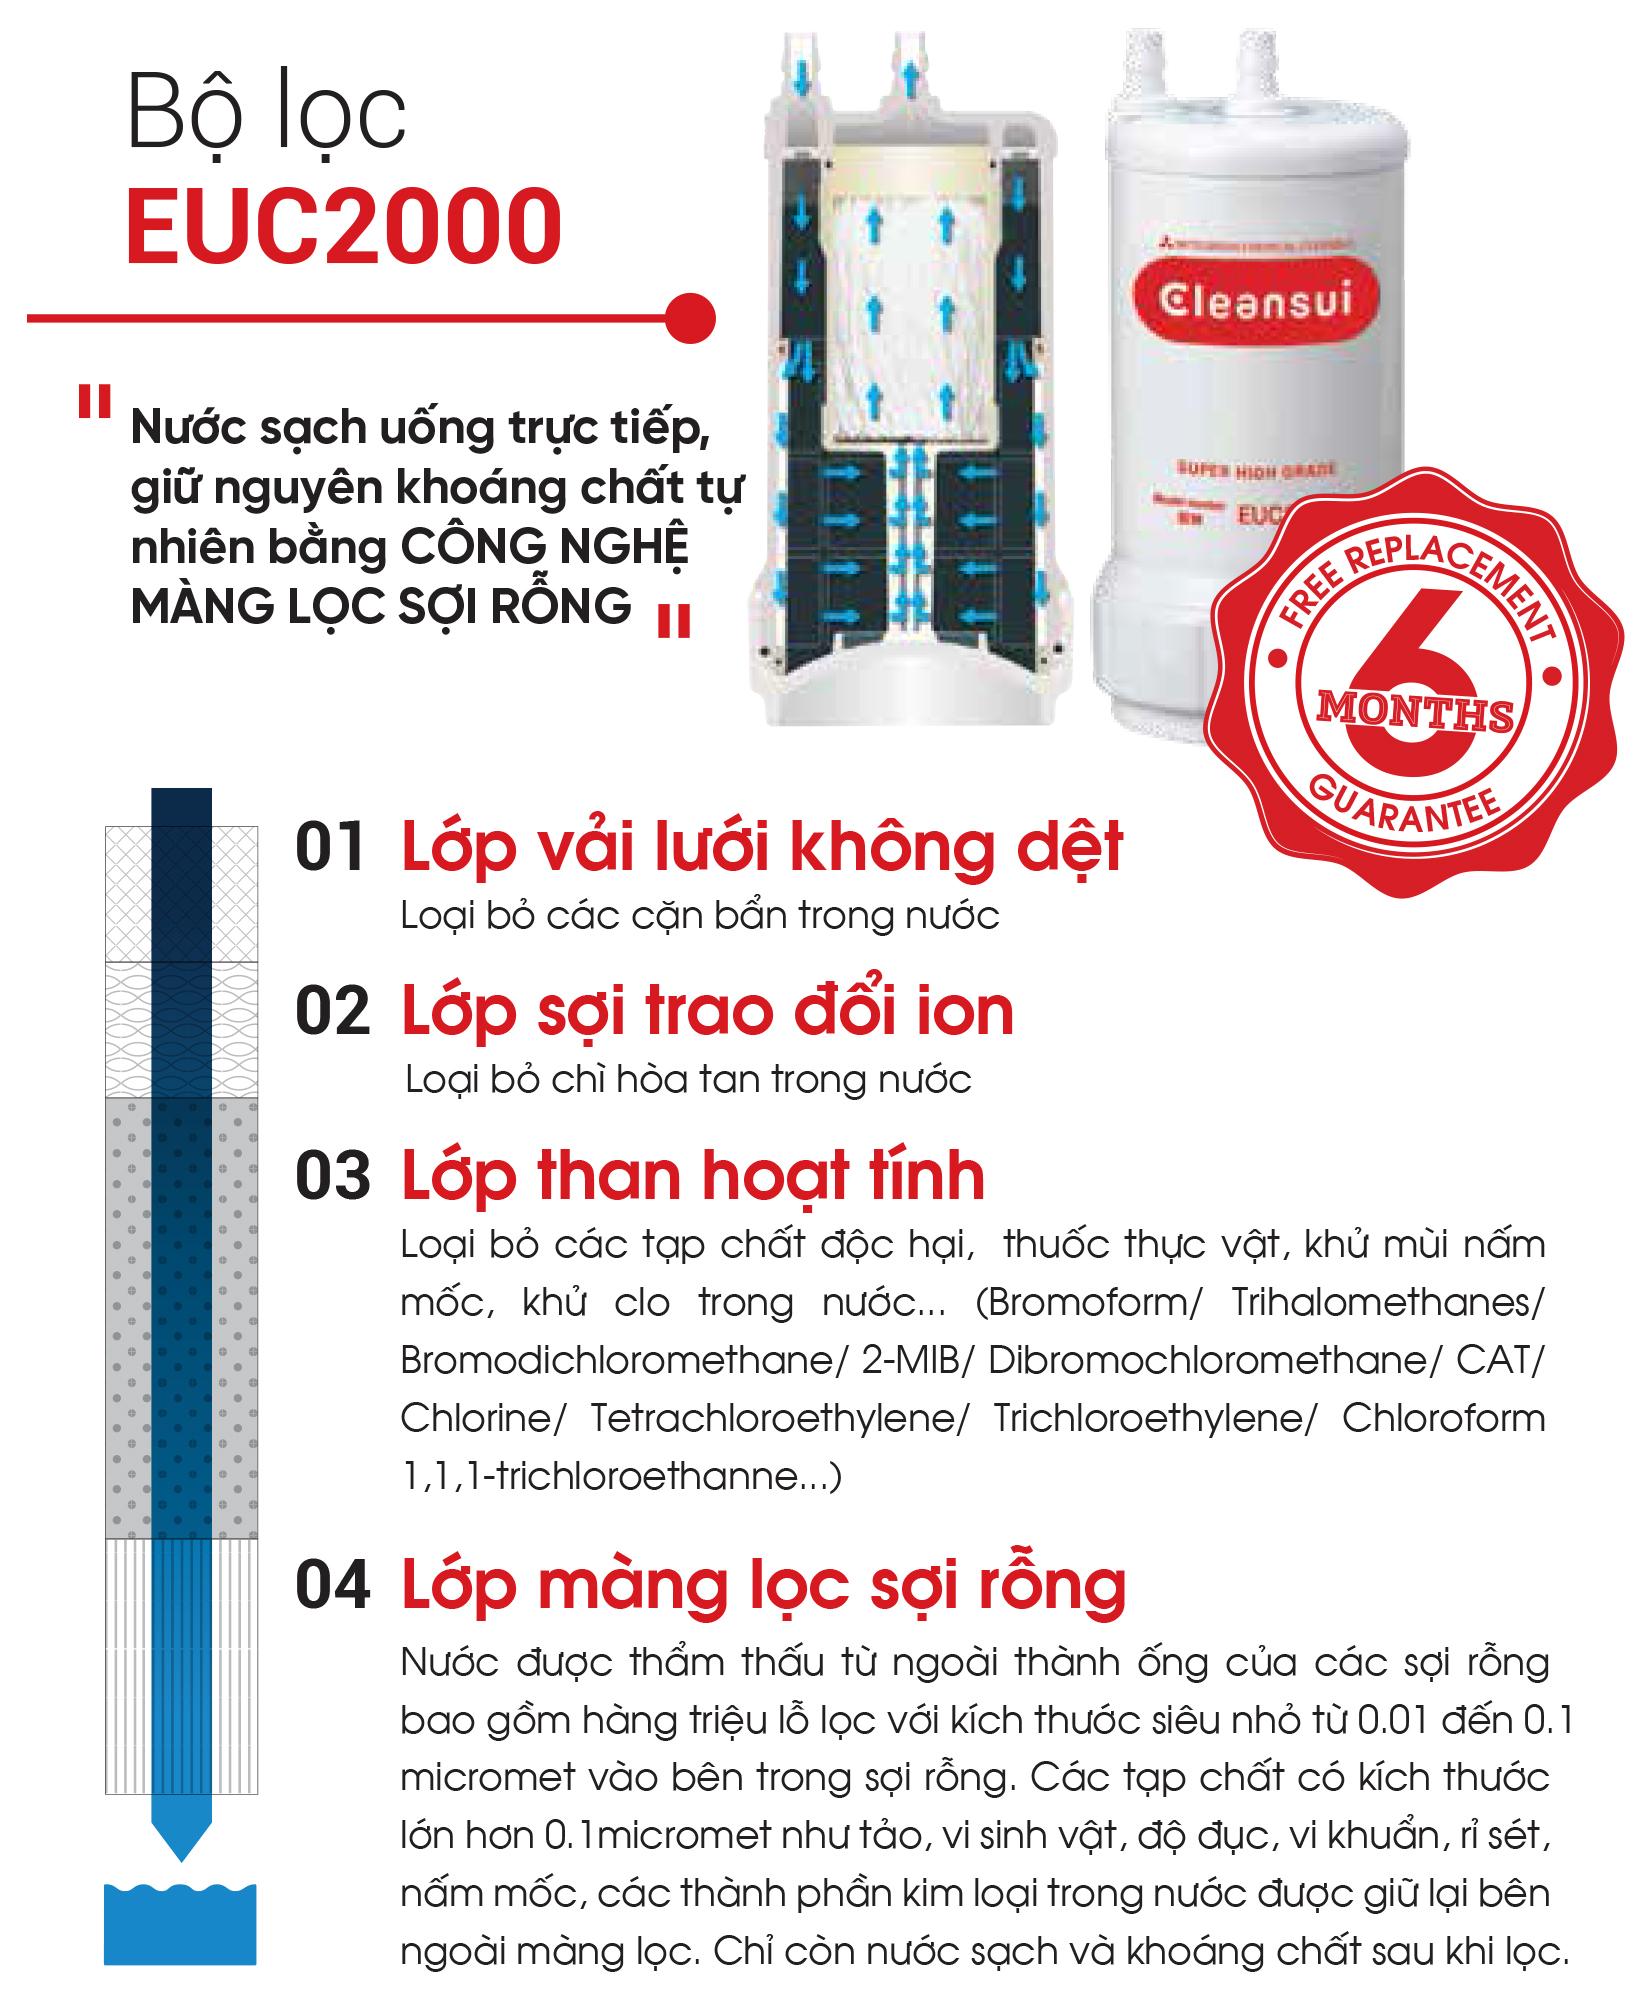 Đặc điểm cấu tạo bộ lọc màng sợi rỗng EUC2000